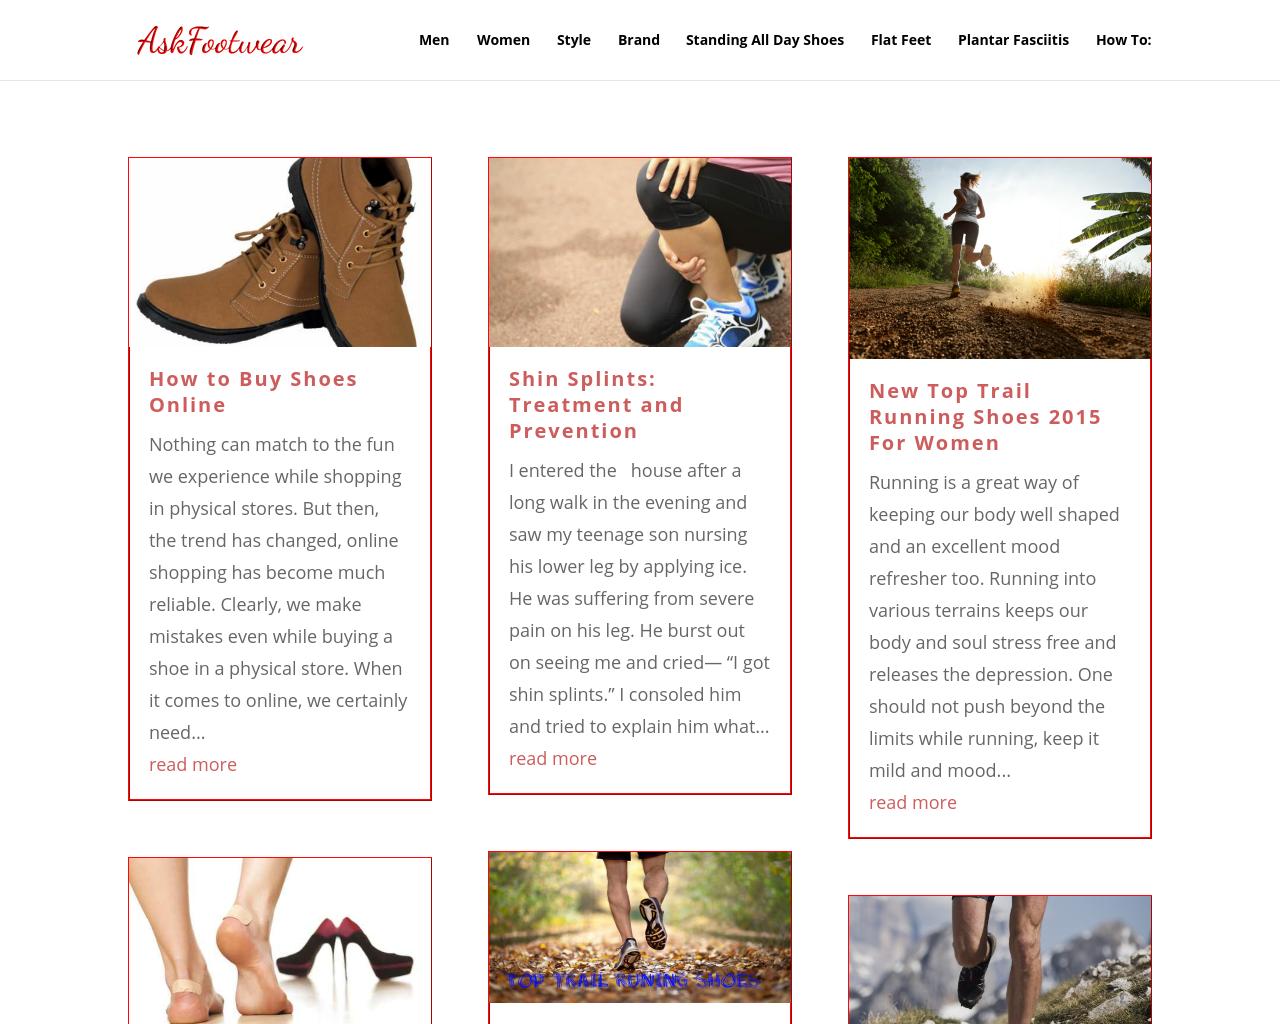 Ask-Footwear-Advertising-Reviews-Pricing